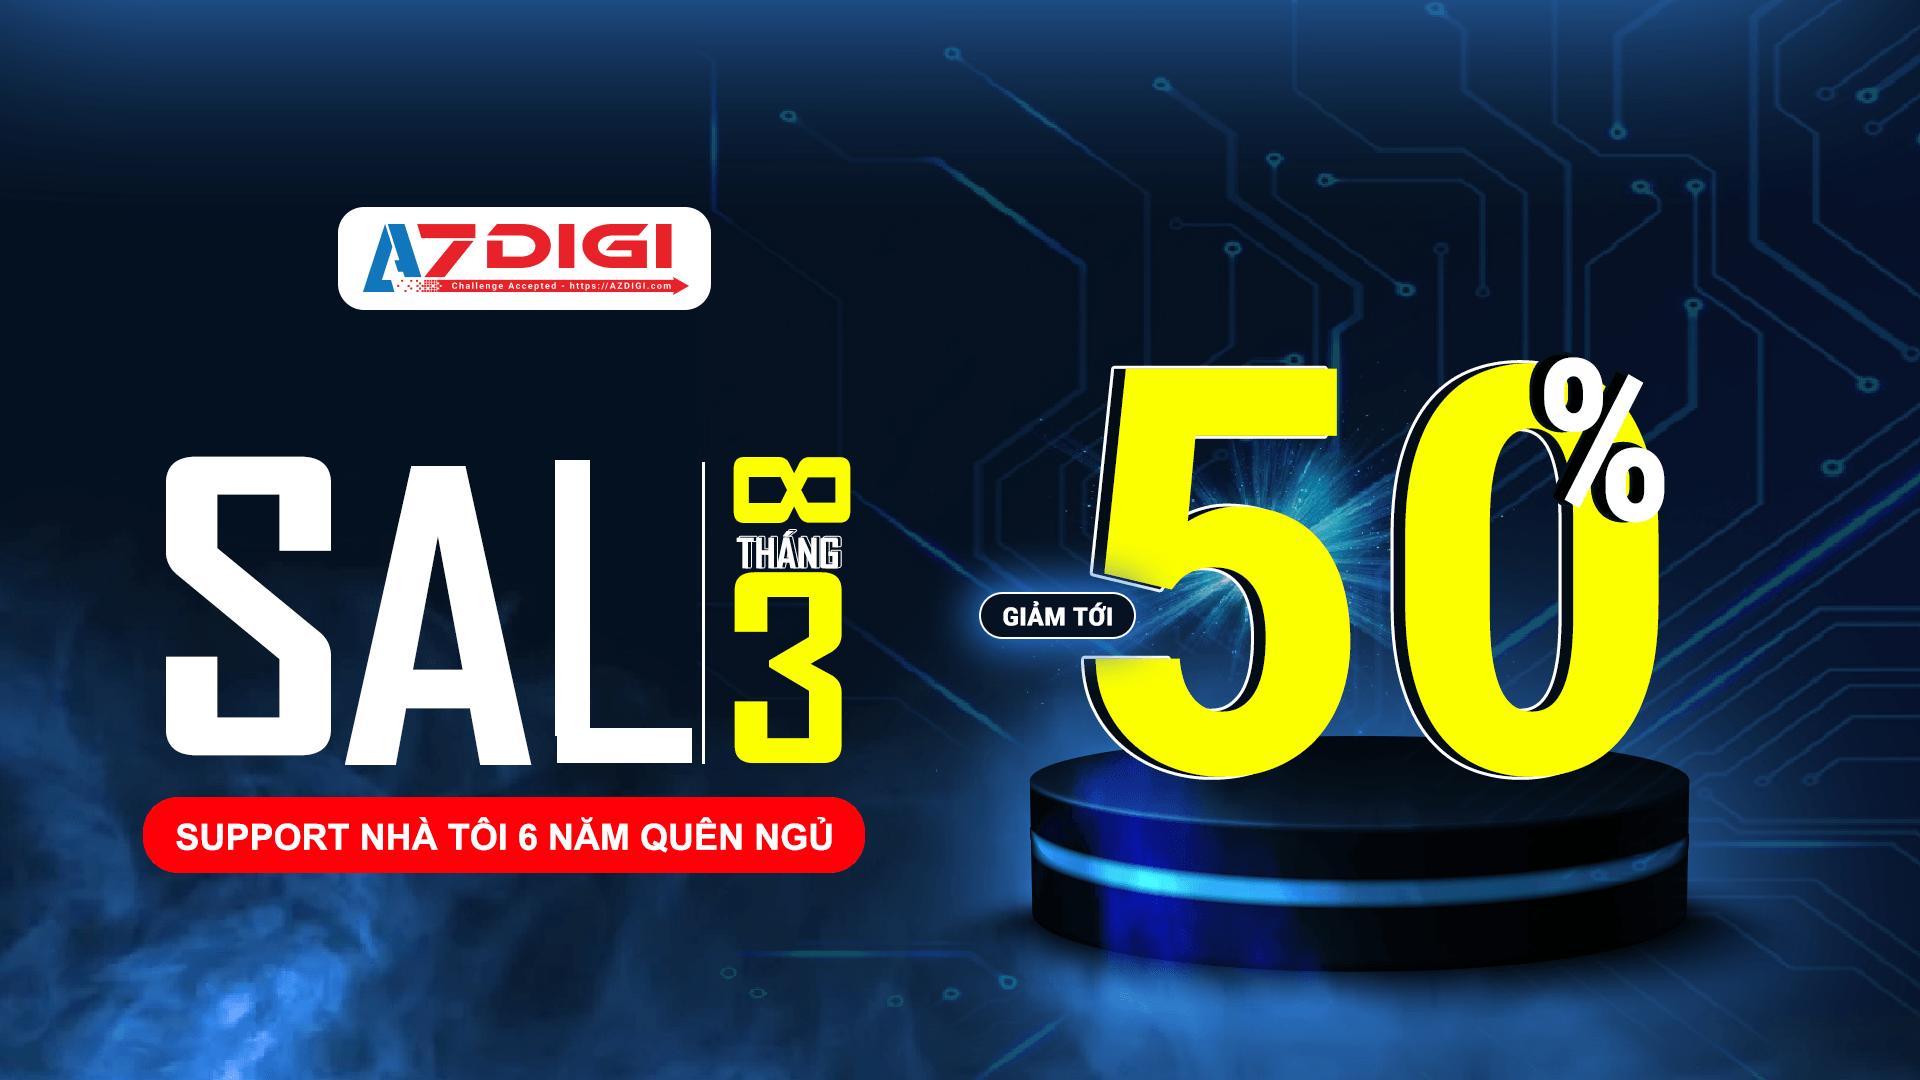 Azdigi Sale 8 3 1